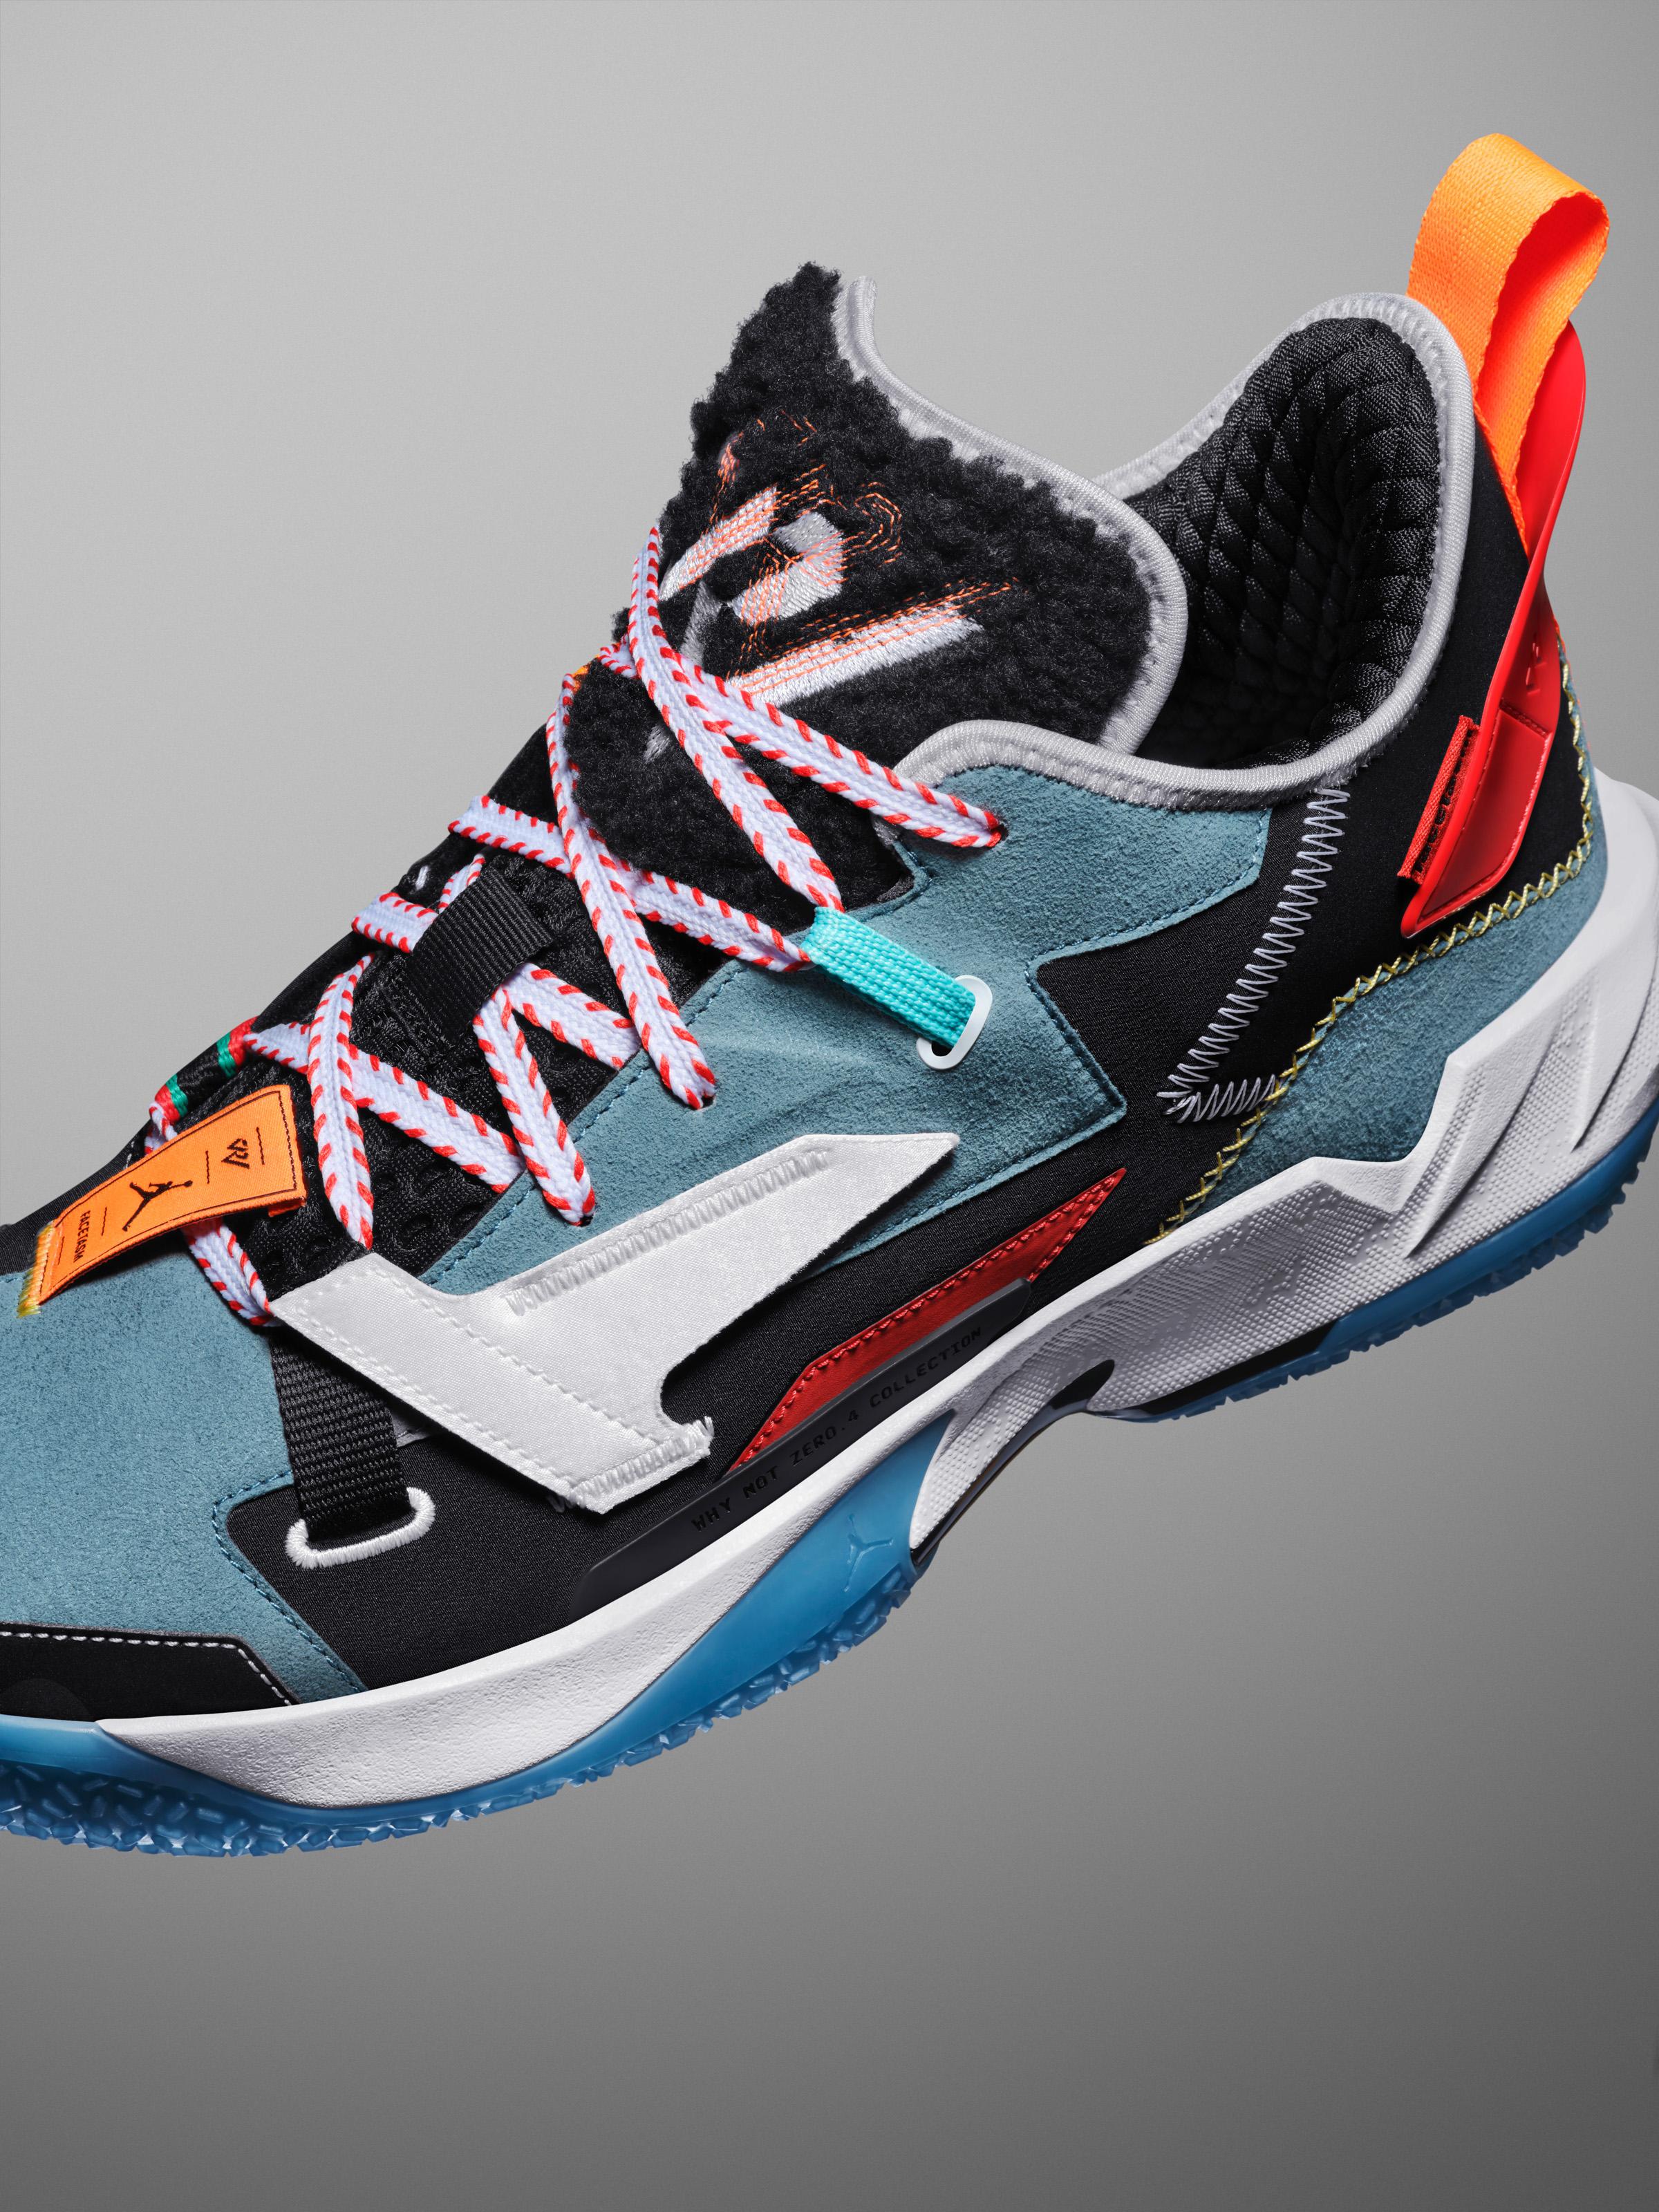 NikeJordanRussellWestbrookWhyNot20201223_08